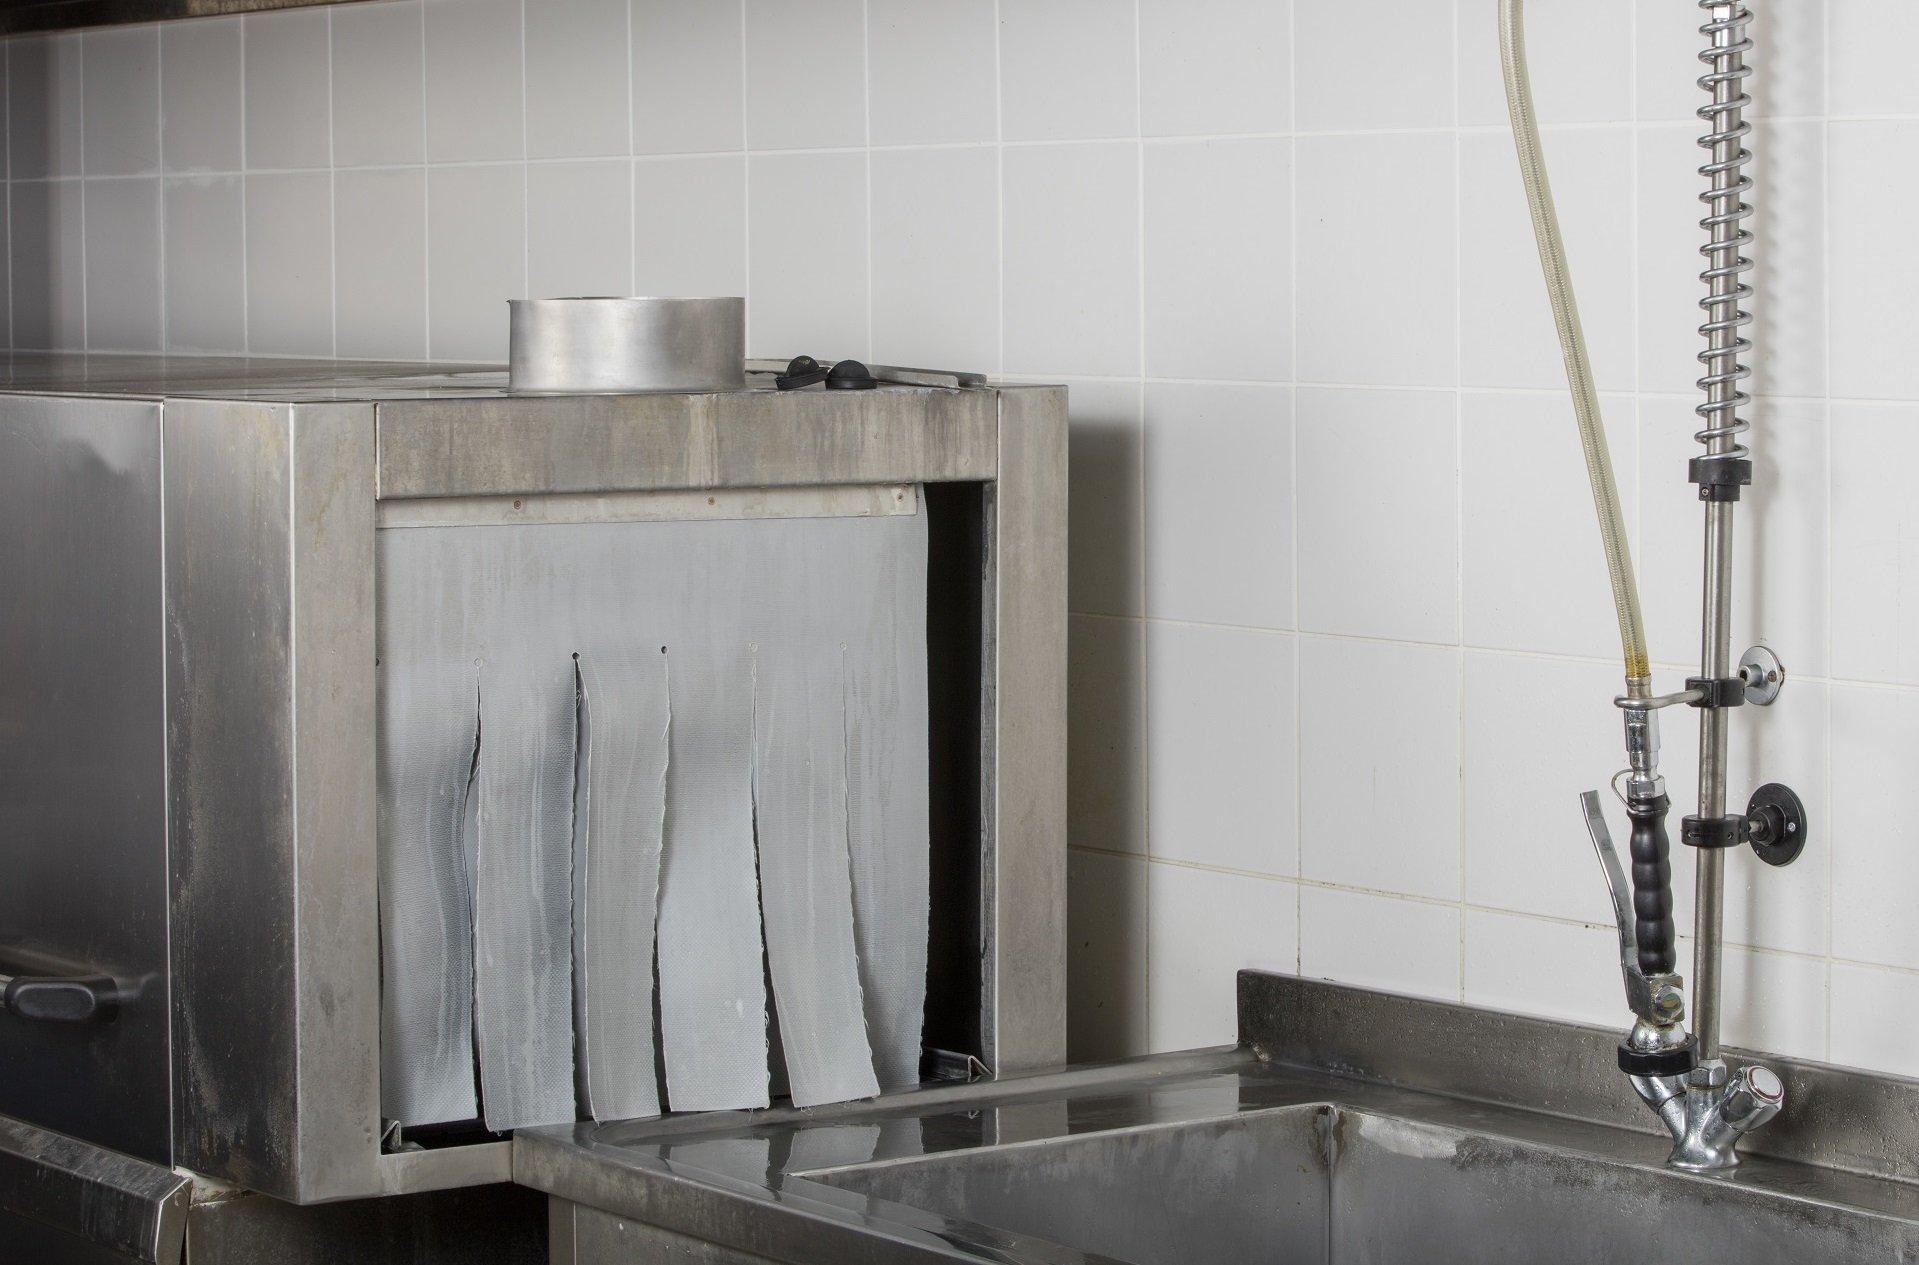 Endüstriyel Bulaşık Makinesi İçin Özel Temizlik Ürünleri